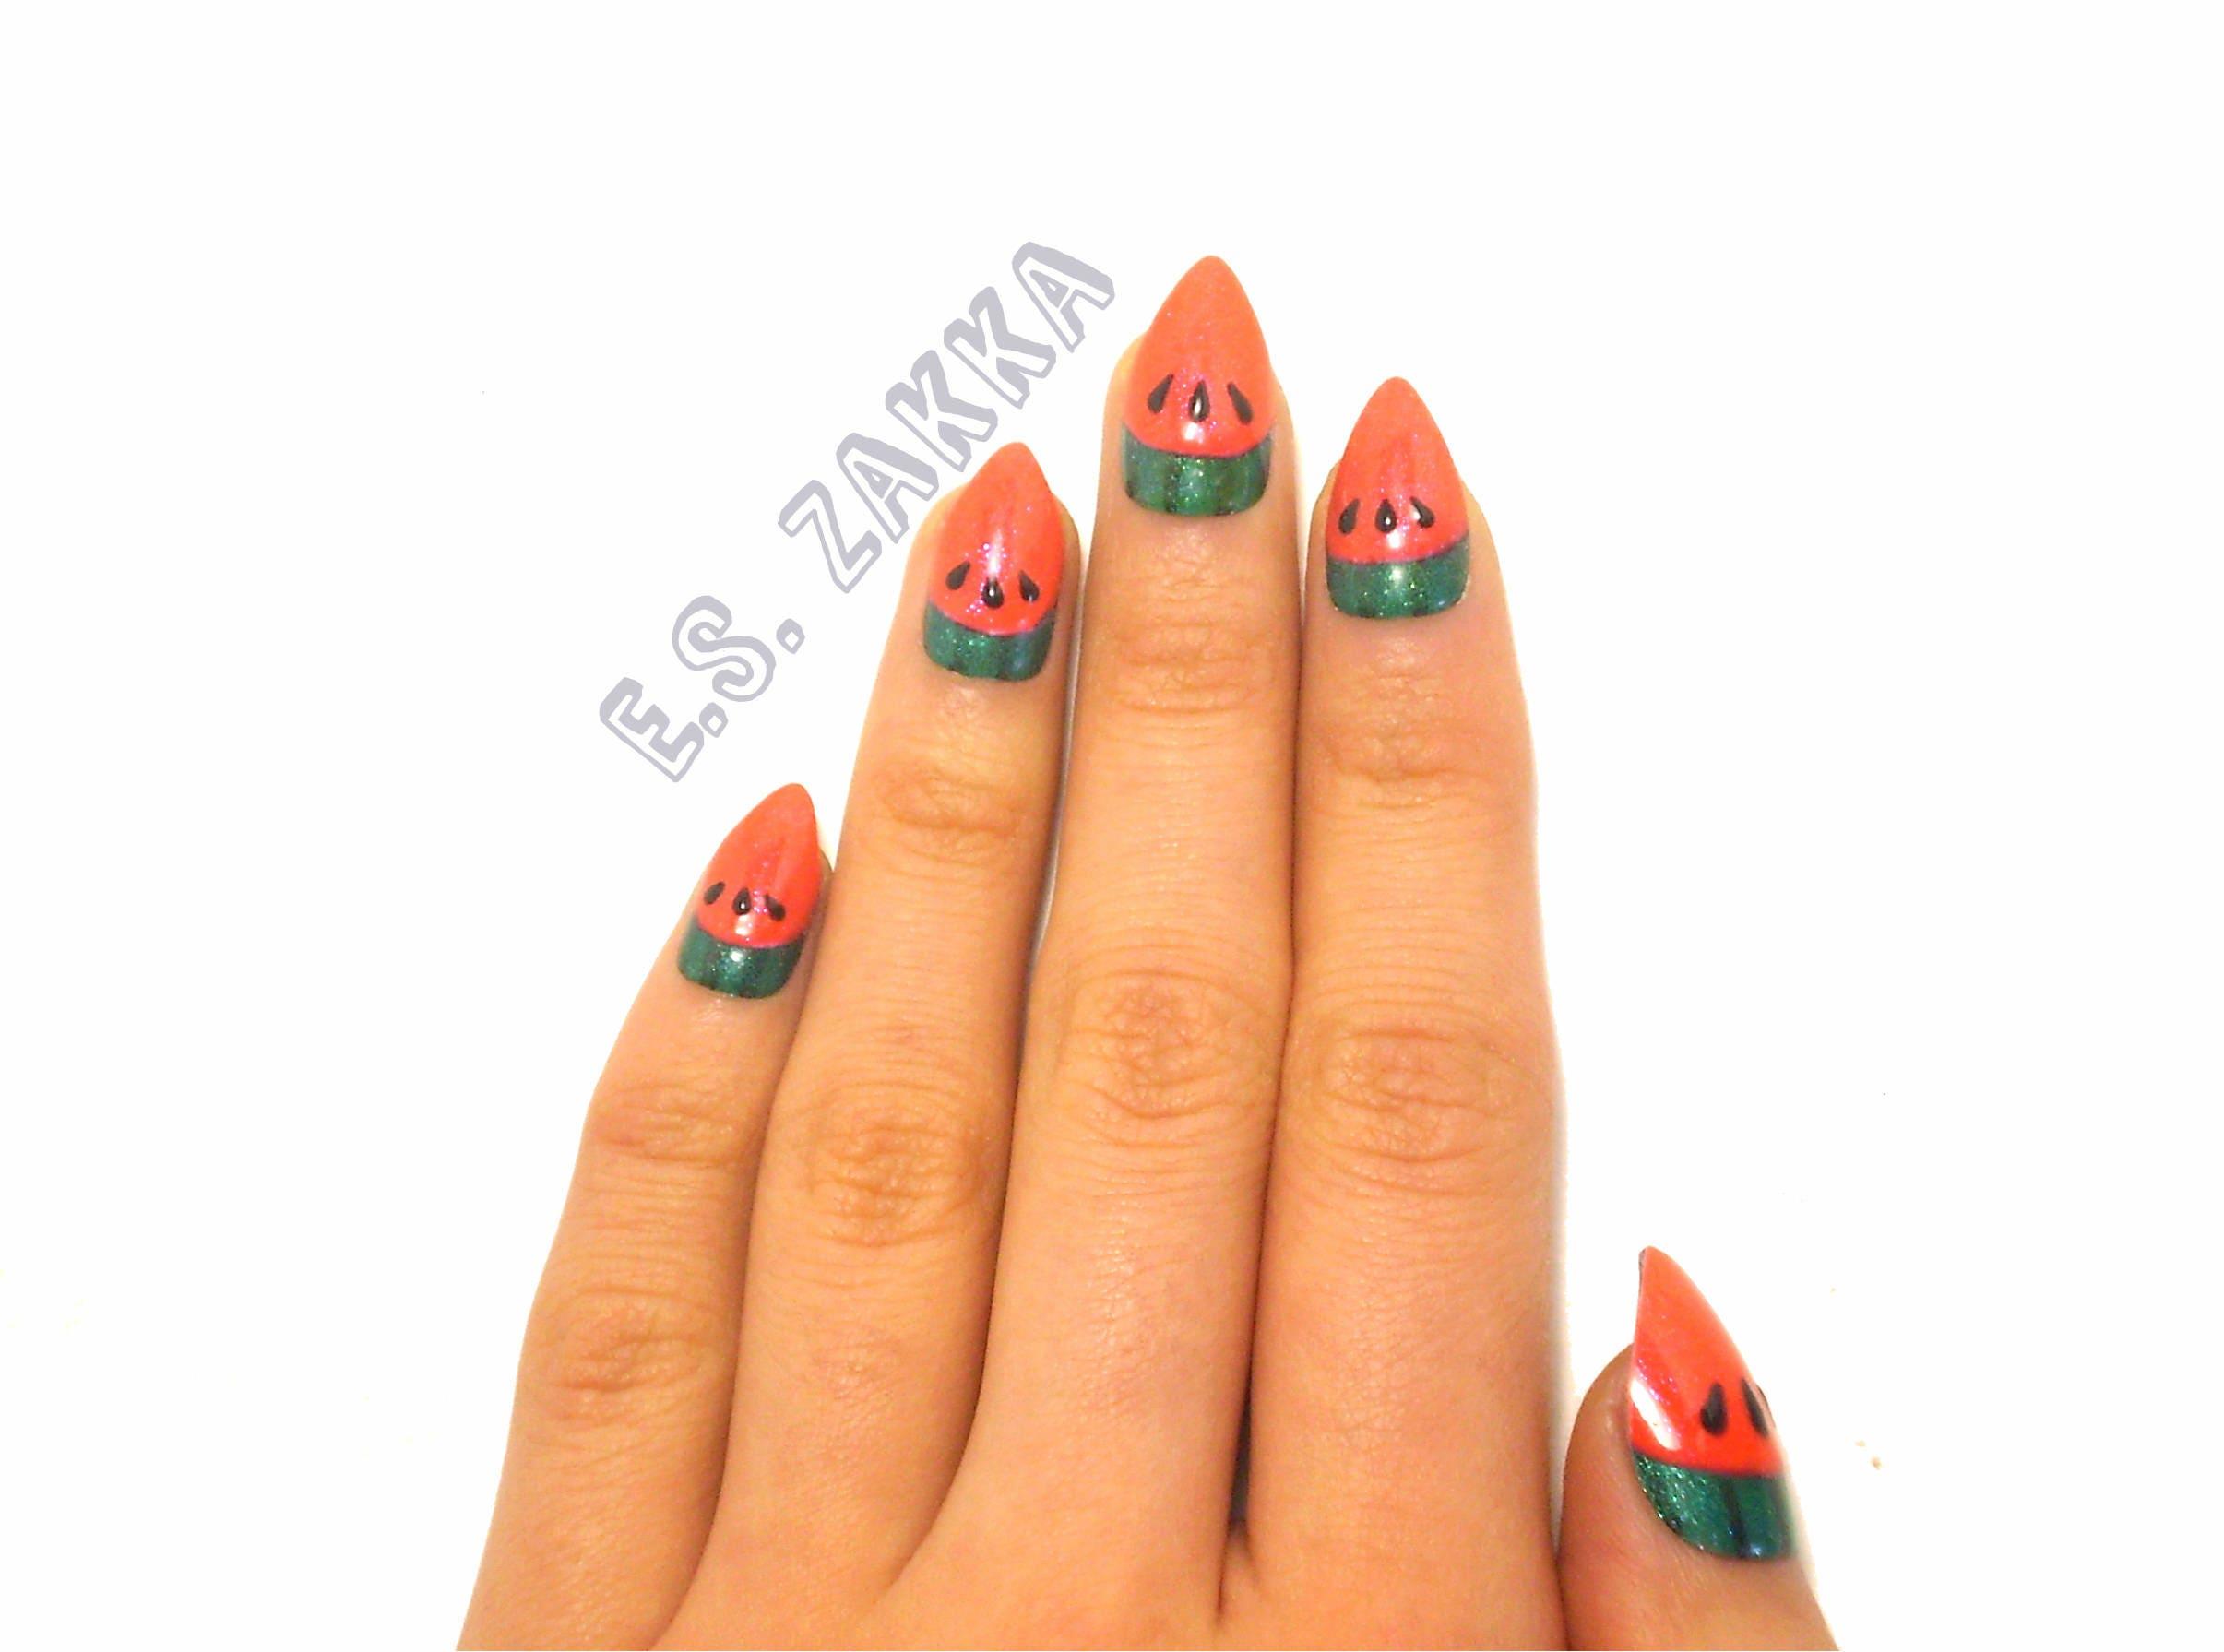 Watermelon Gel Nails / Fake nails, press on nails, gift women ...